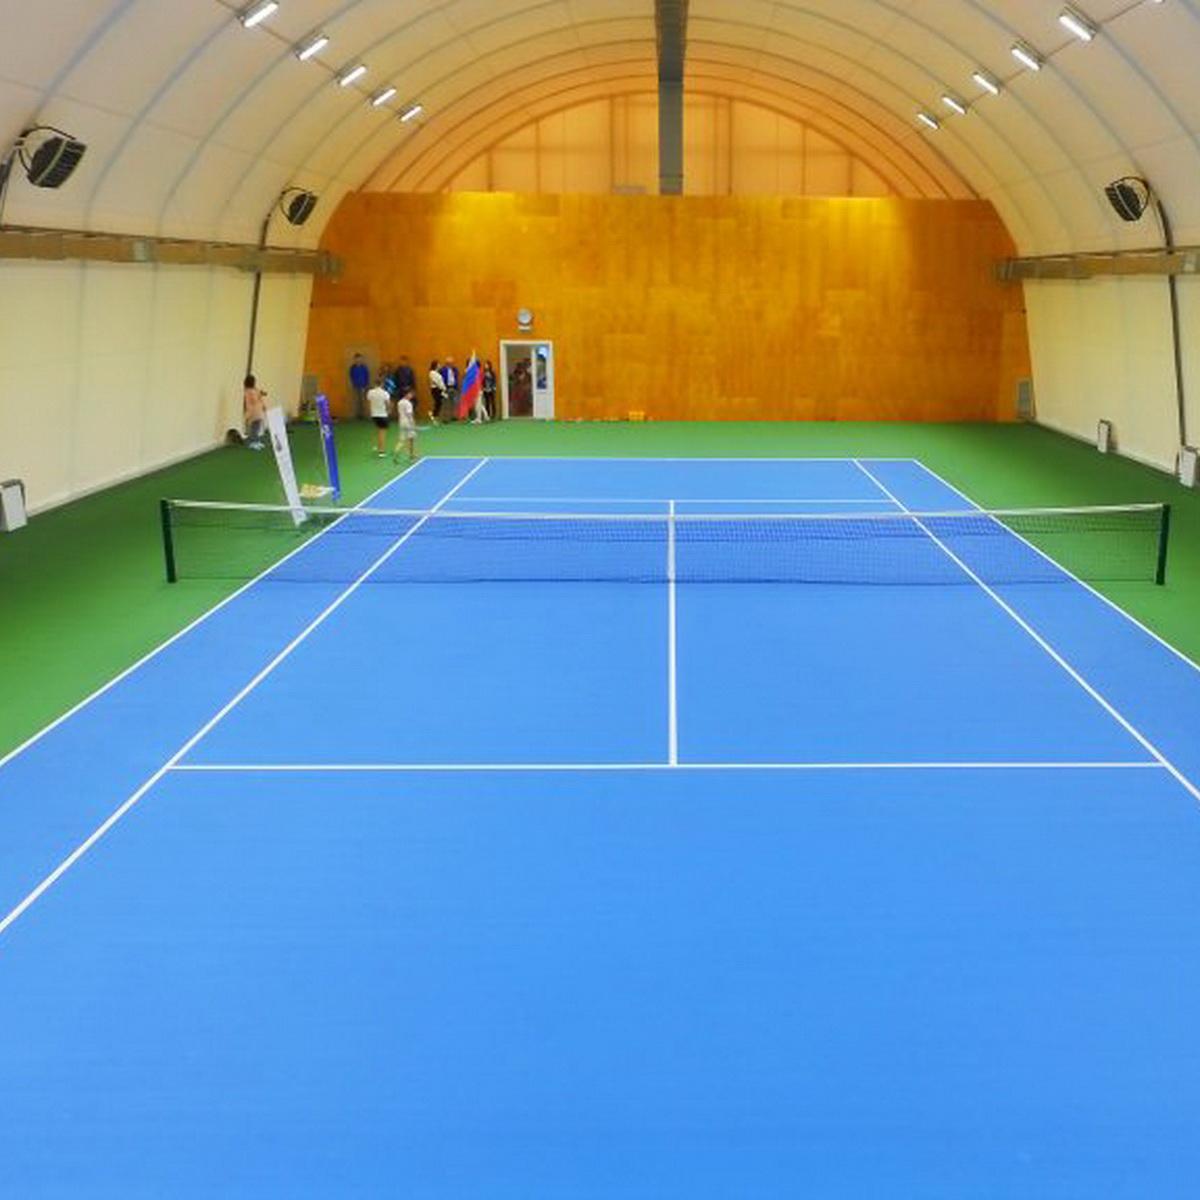 Каркасно тентовые ангары для укрытия теннисных кортов